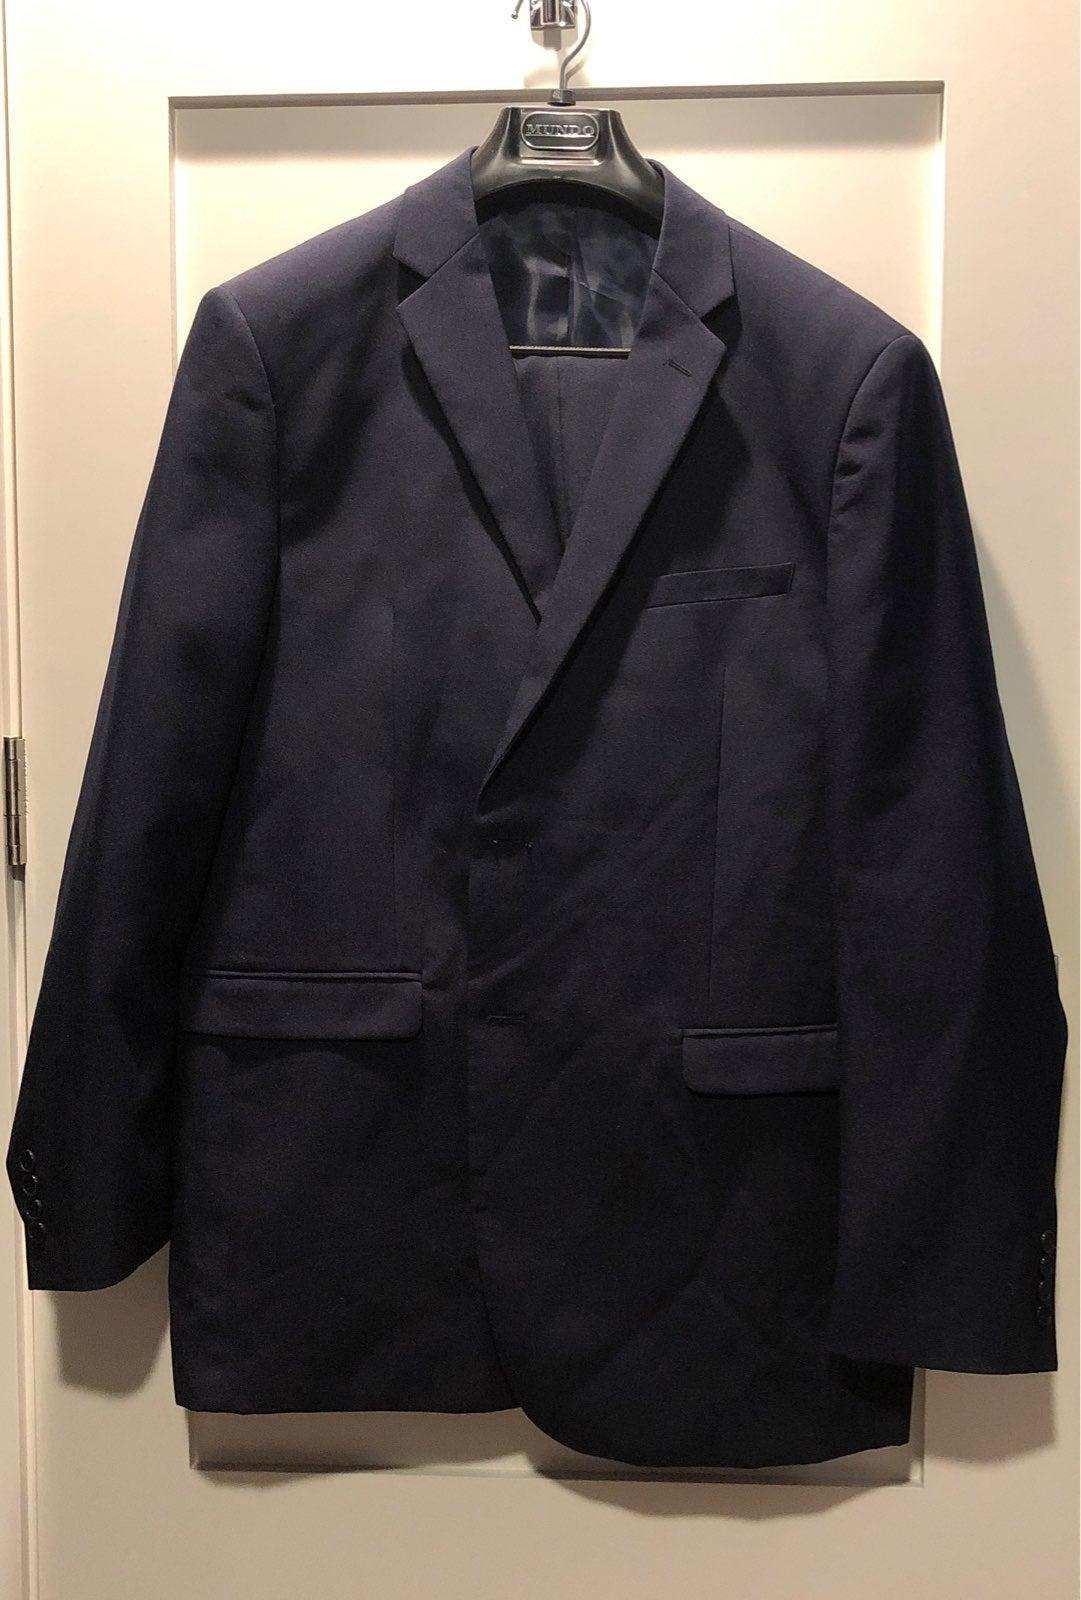 Mundo men's 46L navy blue suit